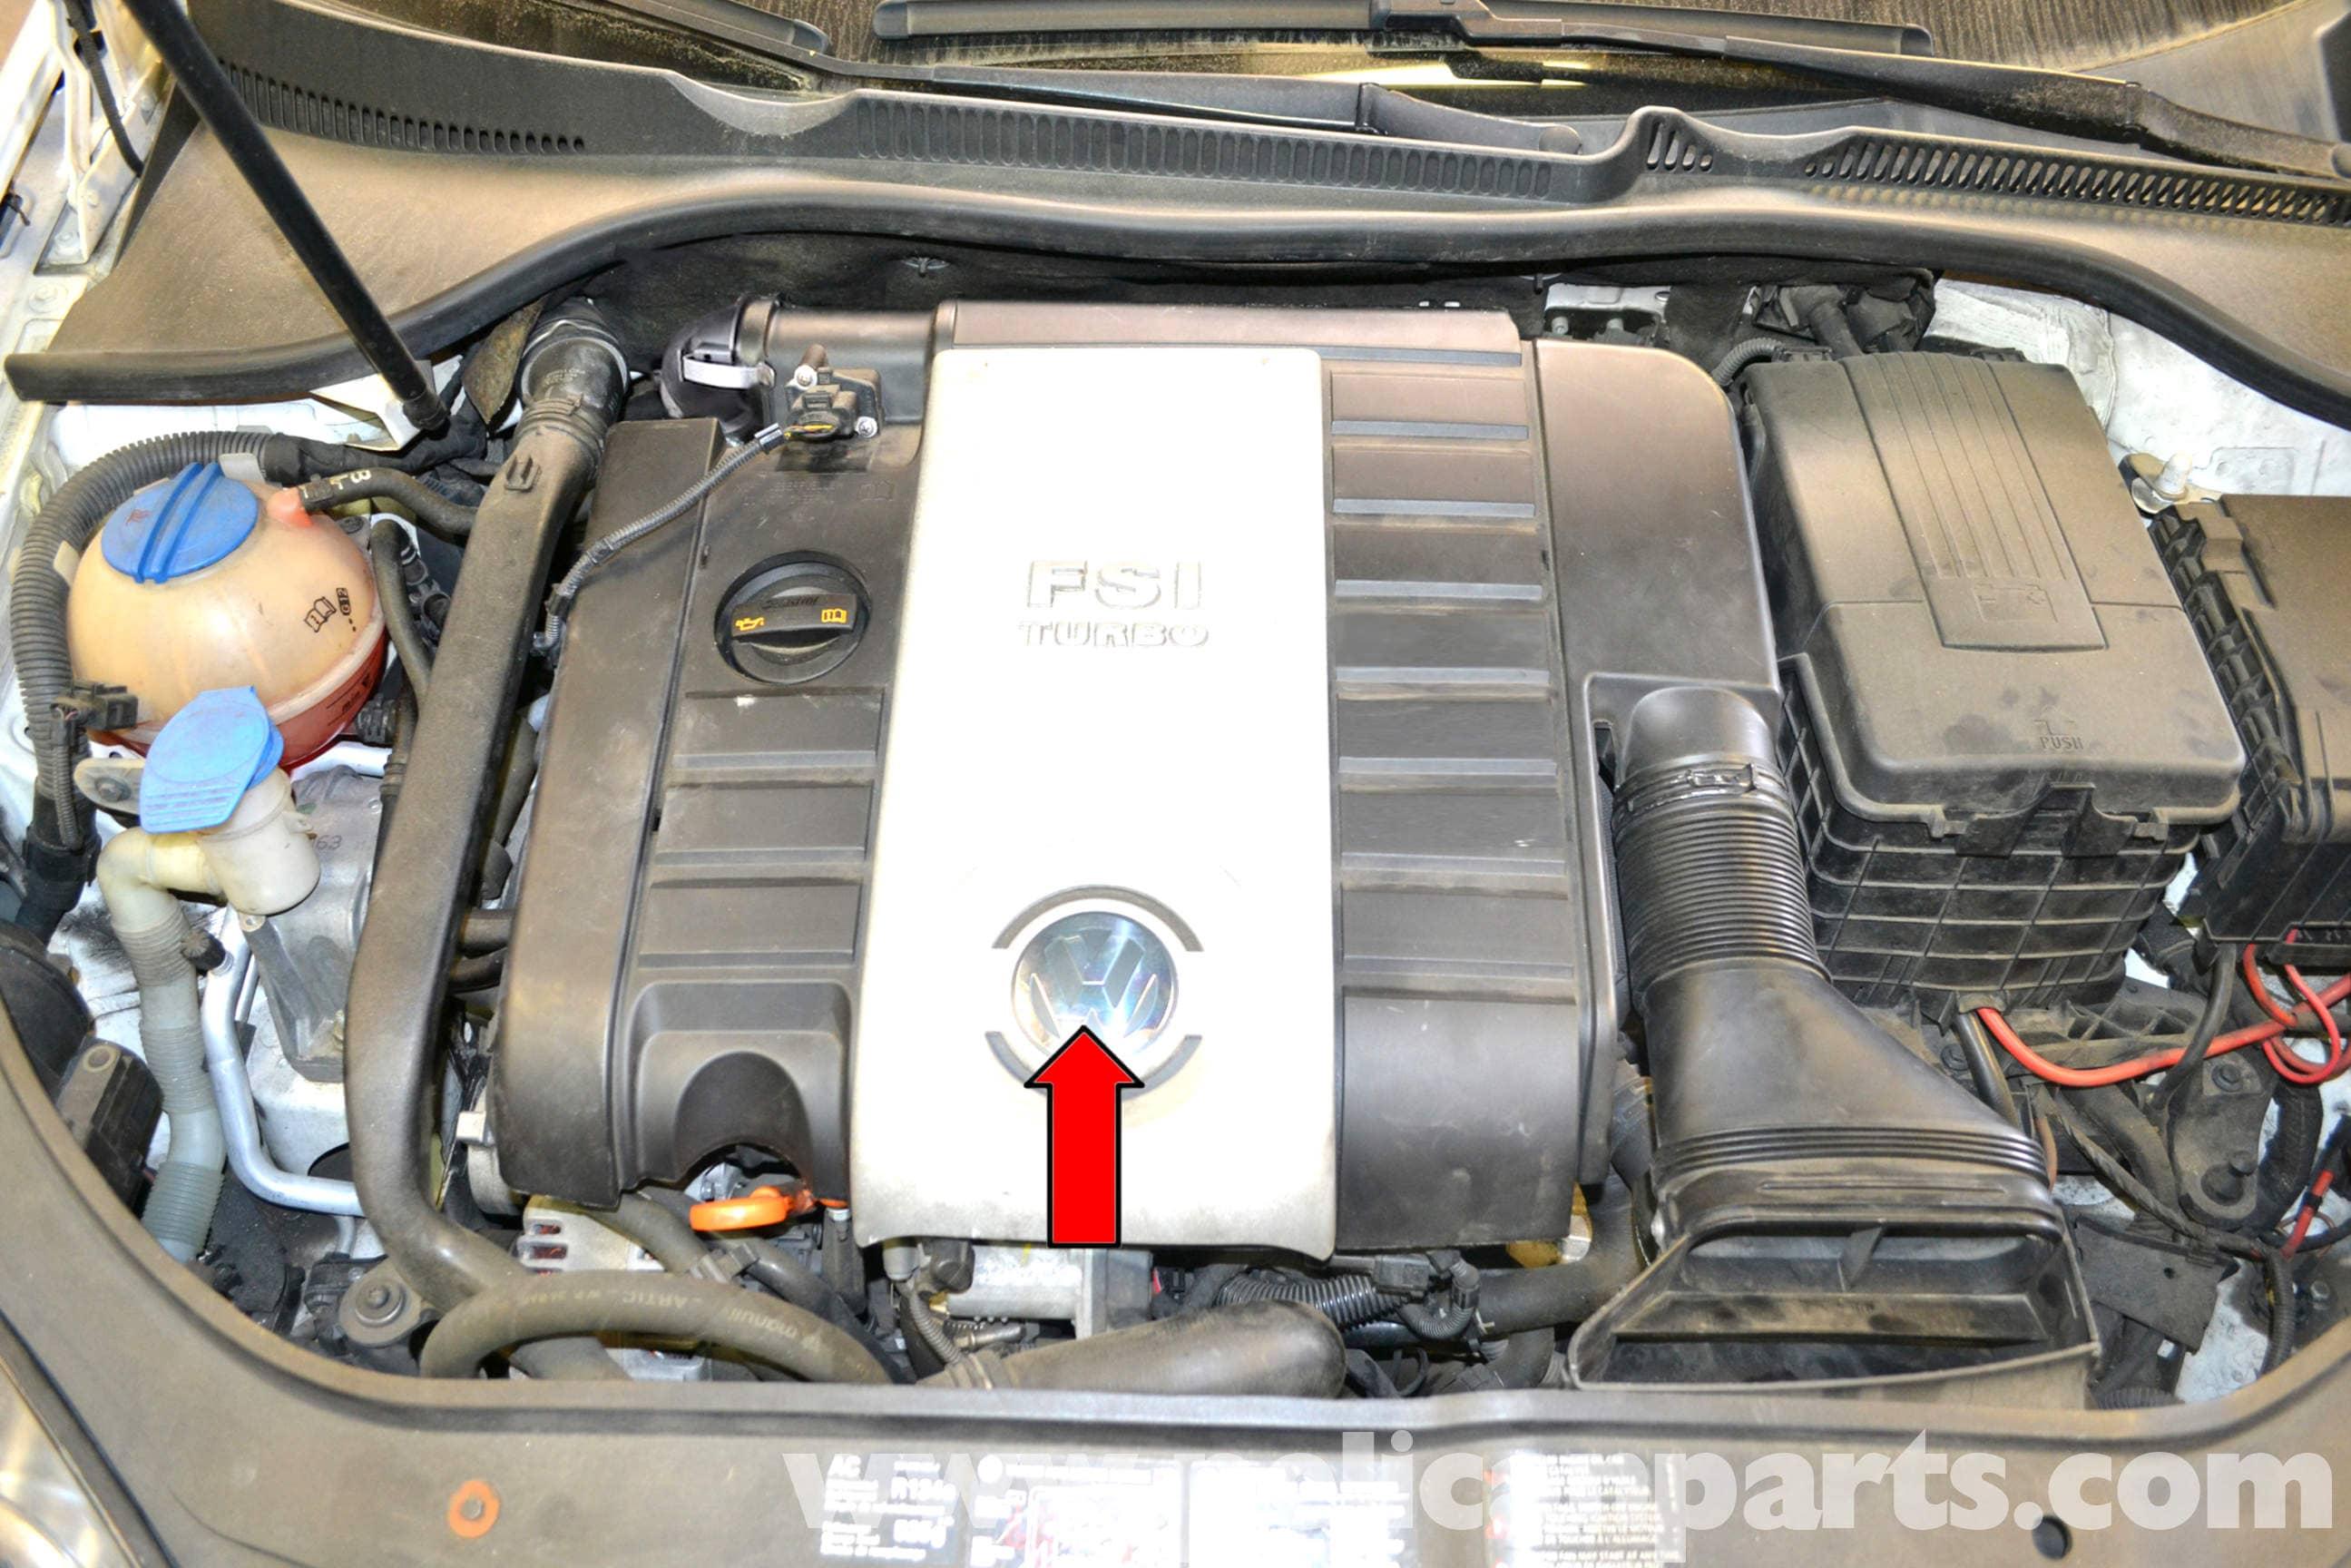 Volkswagen Golf Gti Mk V Camshaft Adjustment Valve Replacement 2006 2001 Vw Jetta Timing Belt Large Image Extra